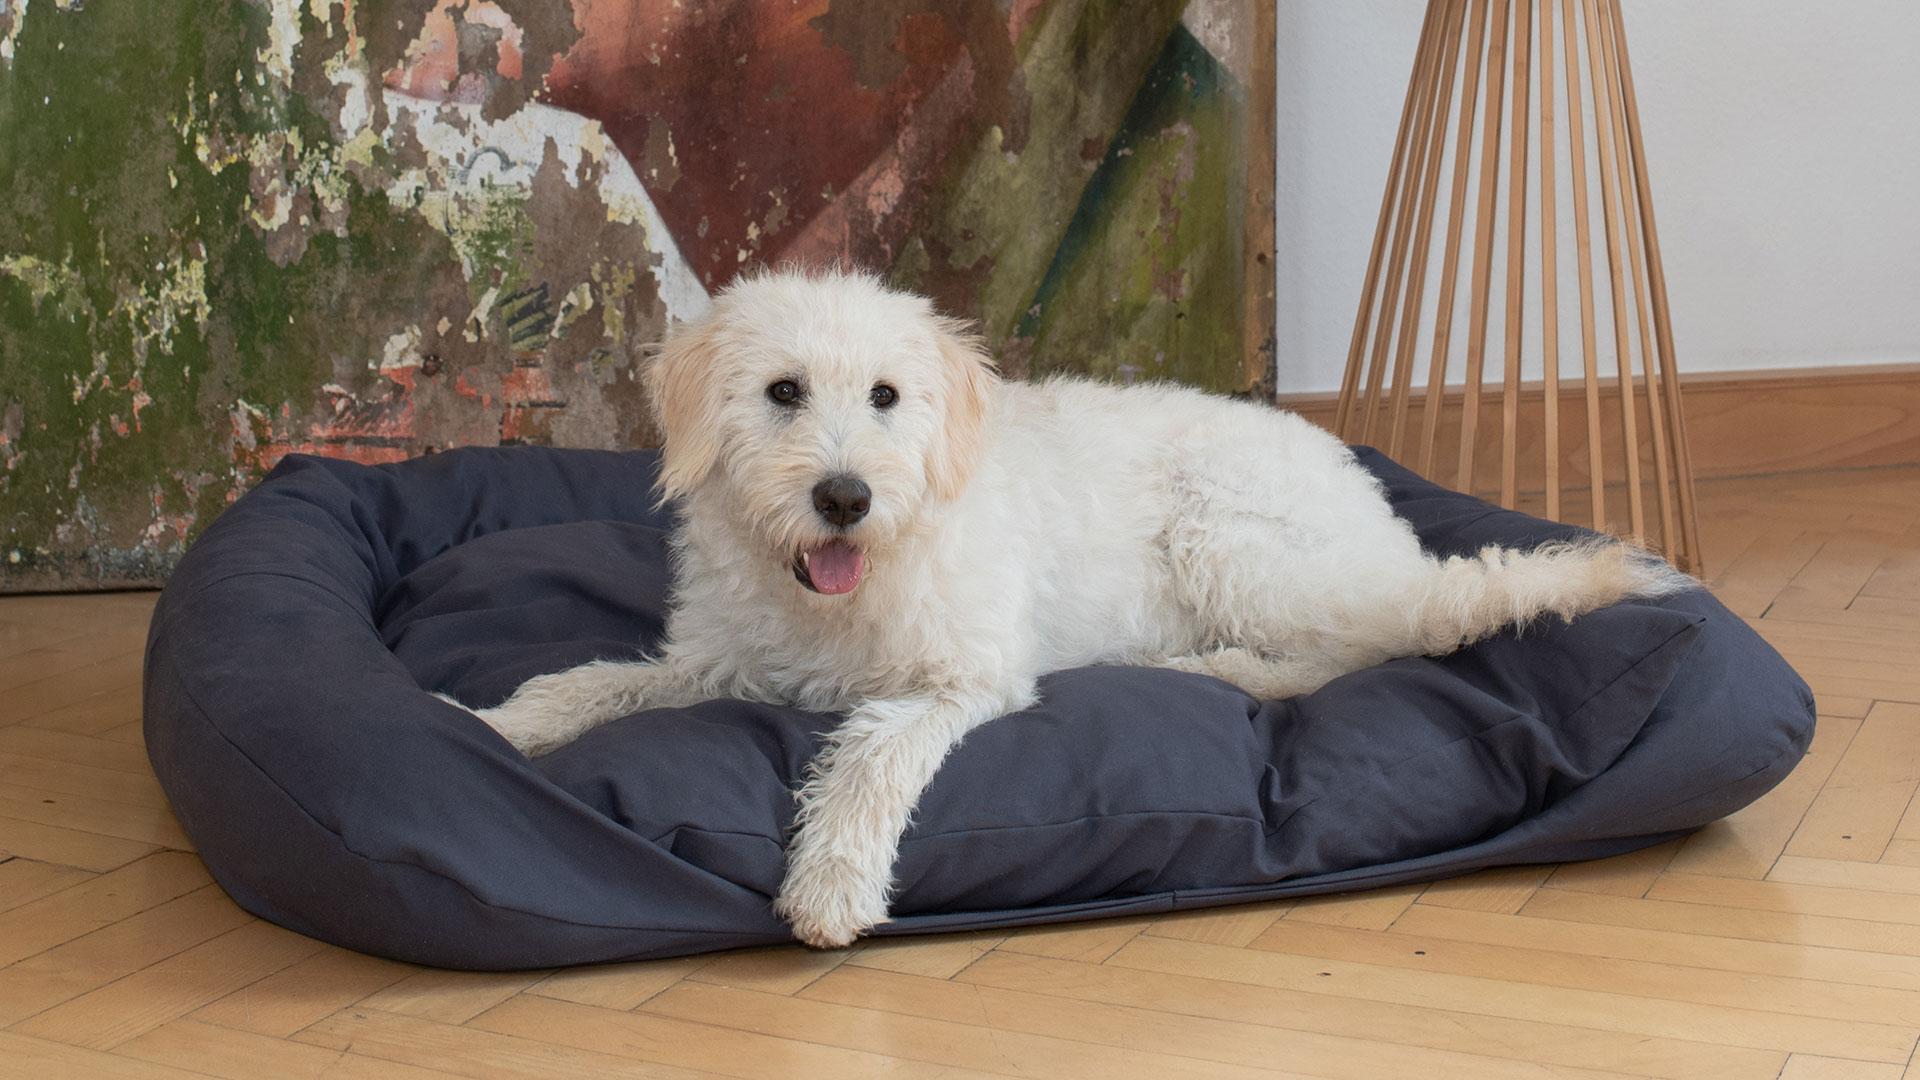 Full Size of Hundebett Flocke Zooplus 90 Cm 125 Kaufen Bitiba Xxl Wolke 120 Cuma Mit Abgesenktem Einstieg Und Randrolle Wohnzimmer Hundebett Flocke